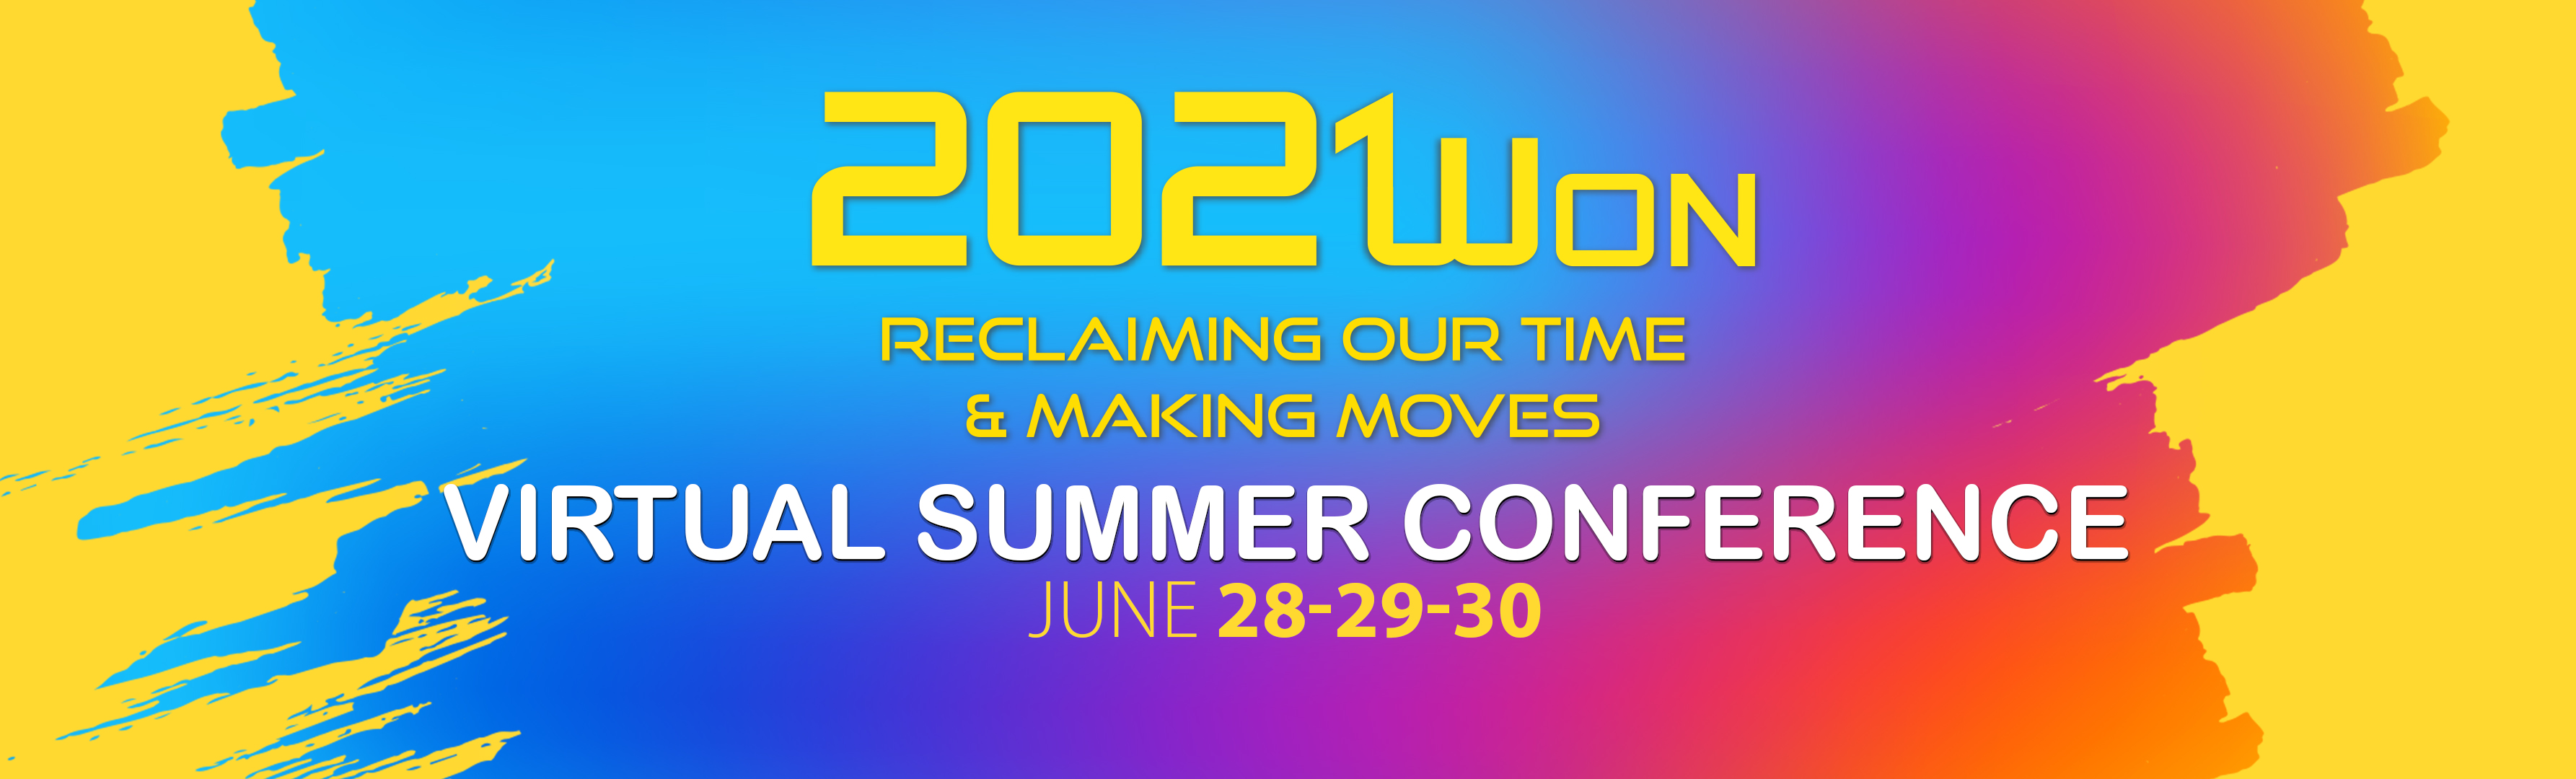 2021_Conference_Banner.jpg